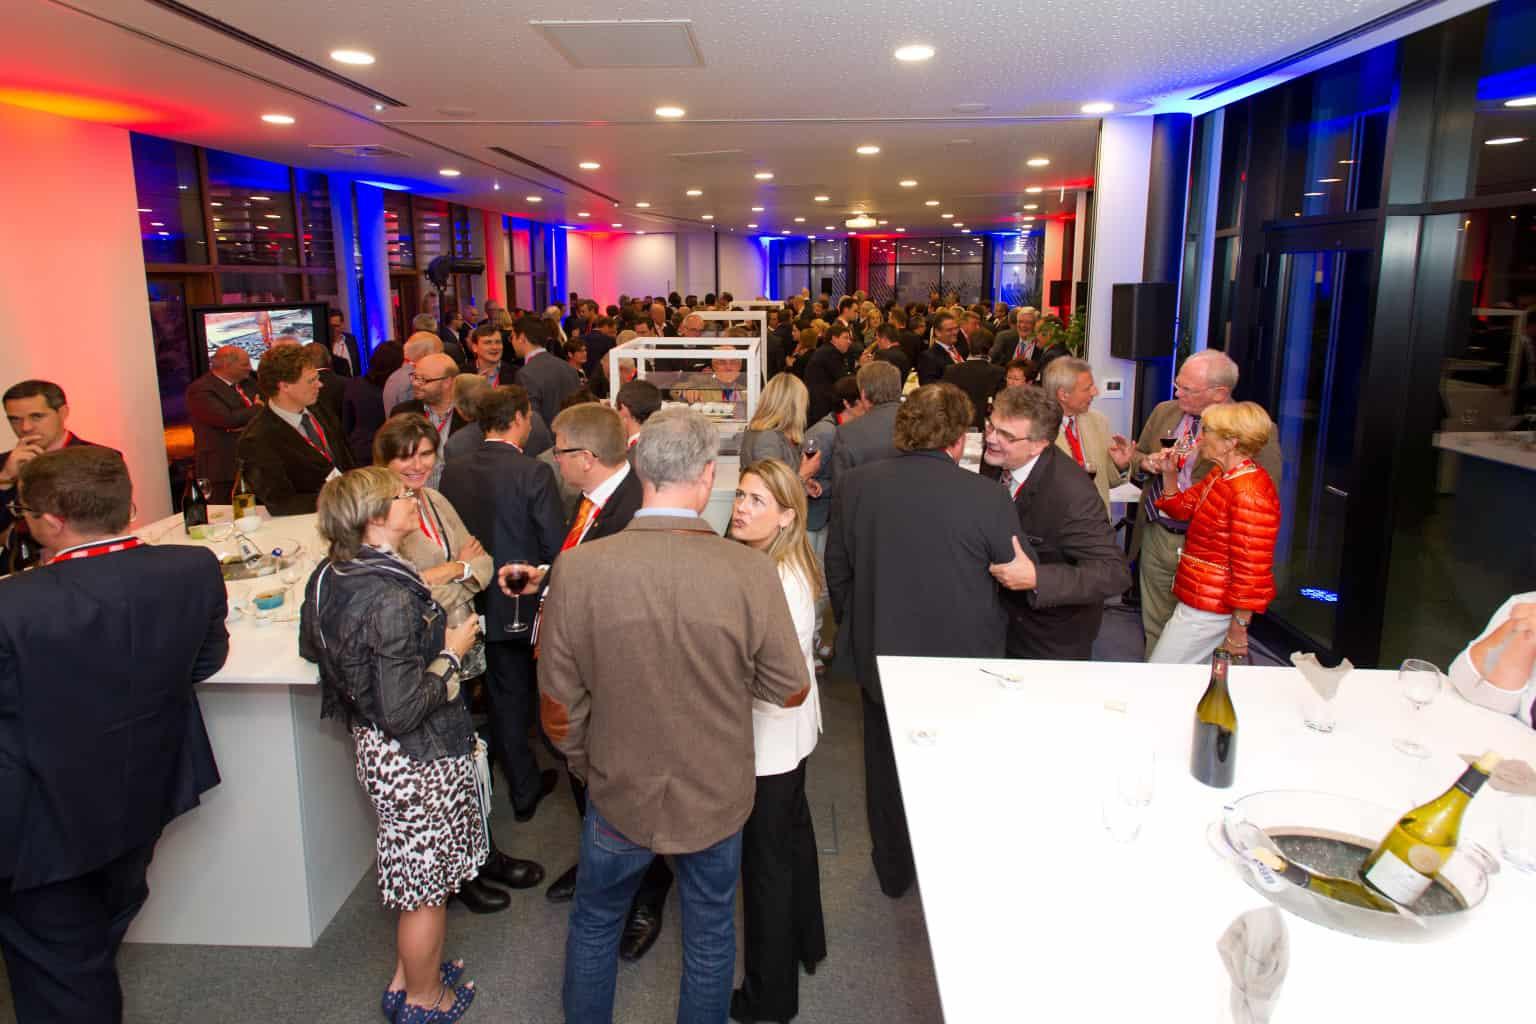 Inauguration des nouveaux bureaux de la société BDO par So Event et Cecoforma